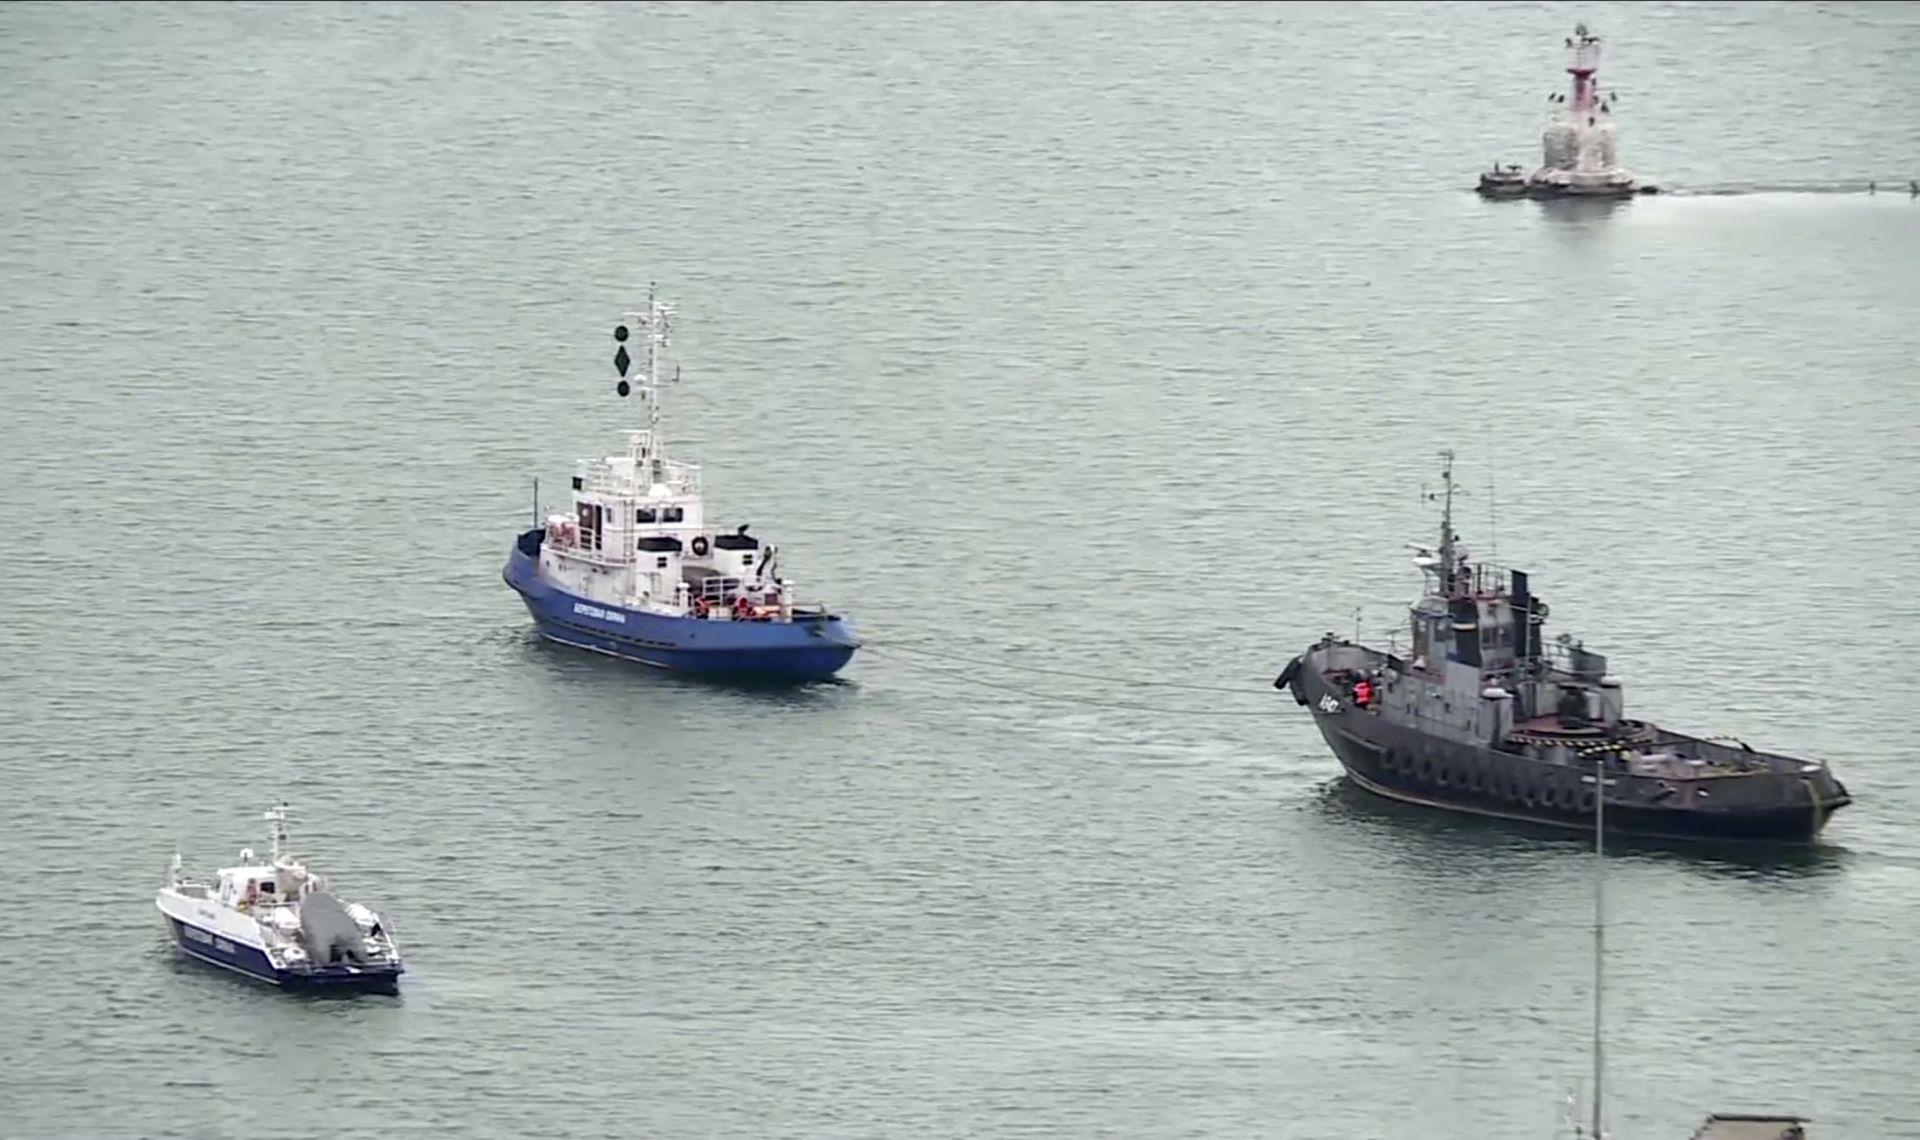 Един от задържаните украински кораба, вляво, теглен от плавателен съд на руската брегова охрана в Керч